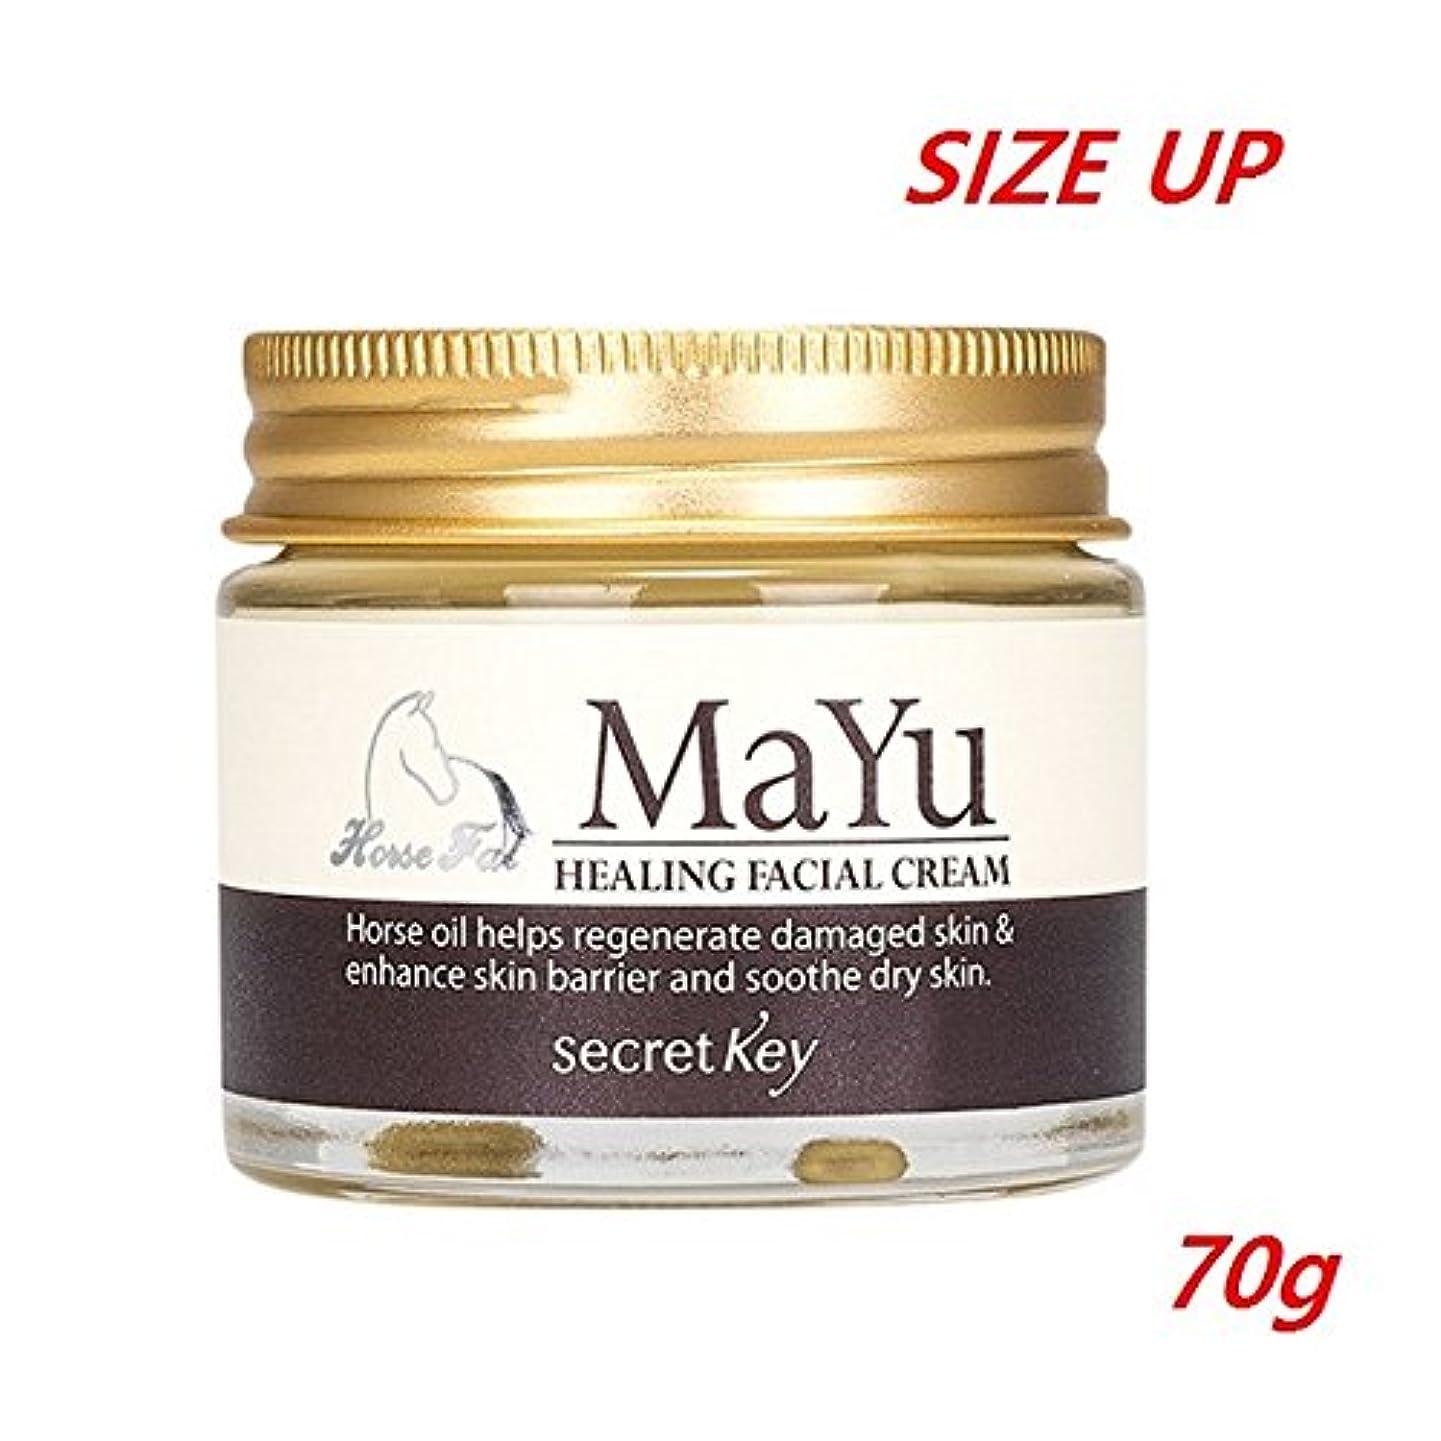 円周和計算シークレットキー 馬油 ヒーリング フェイシャル クリーム/Secret Key Mayu Healing Facial Cream 70g Size Up(50g to 70g Up Grade) [並行輸入品]